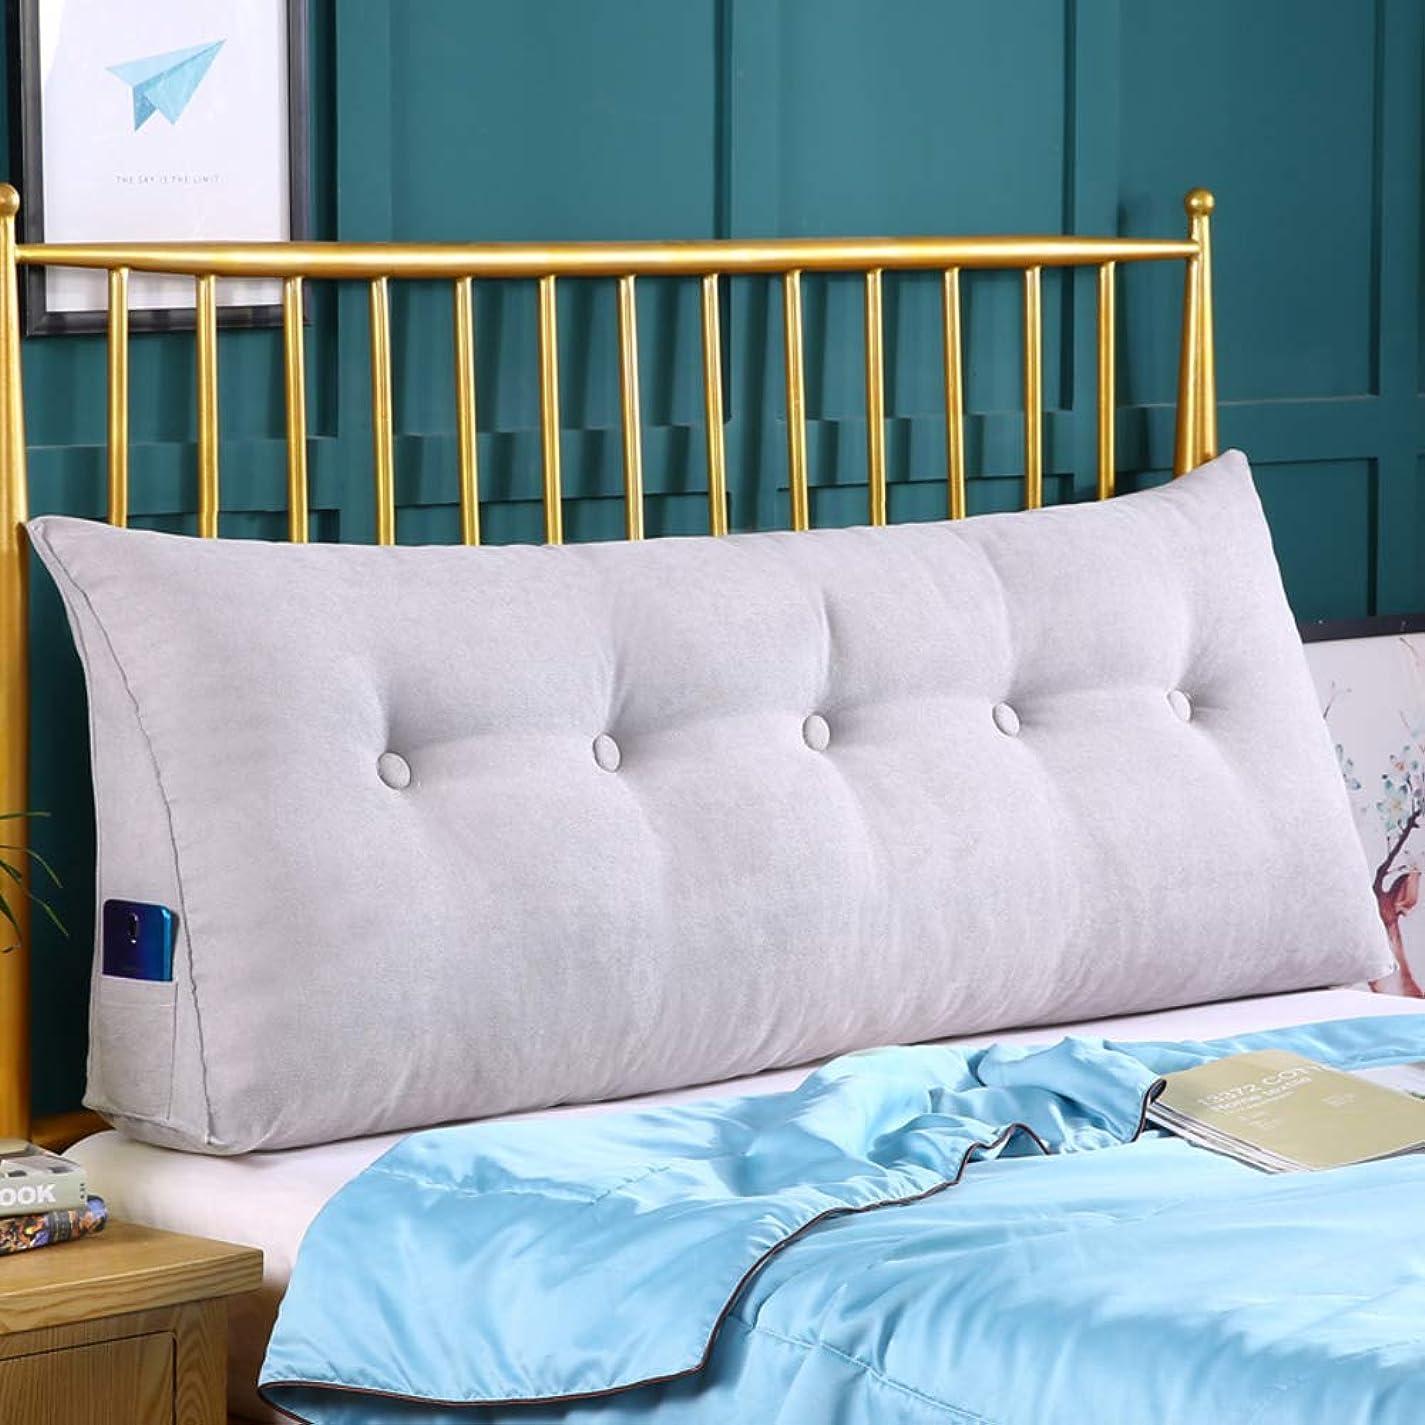 盲信どれでもクラックベッド読書枕カバー 三角 ベッドウェッジクッション 枕,ヘッドボードのクッション ソフト布張り オフィス 腰枕 取り外し可能なカバー付き-シルバーグレー 100x50x20cm(39x20x8)